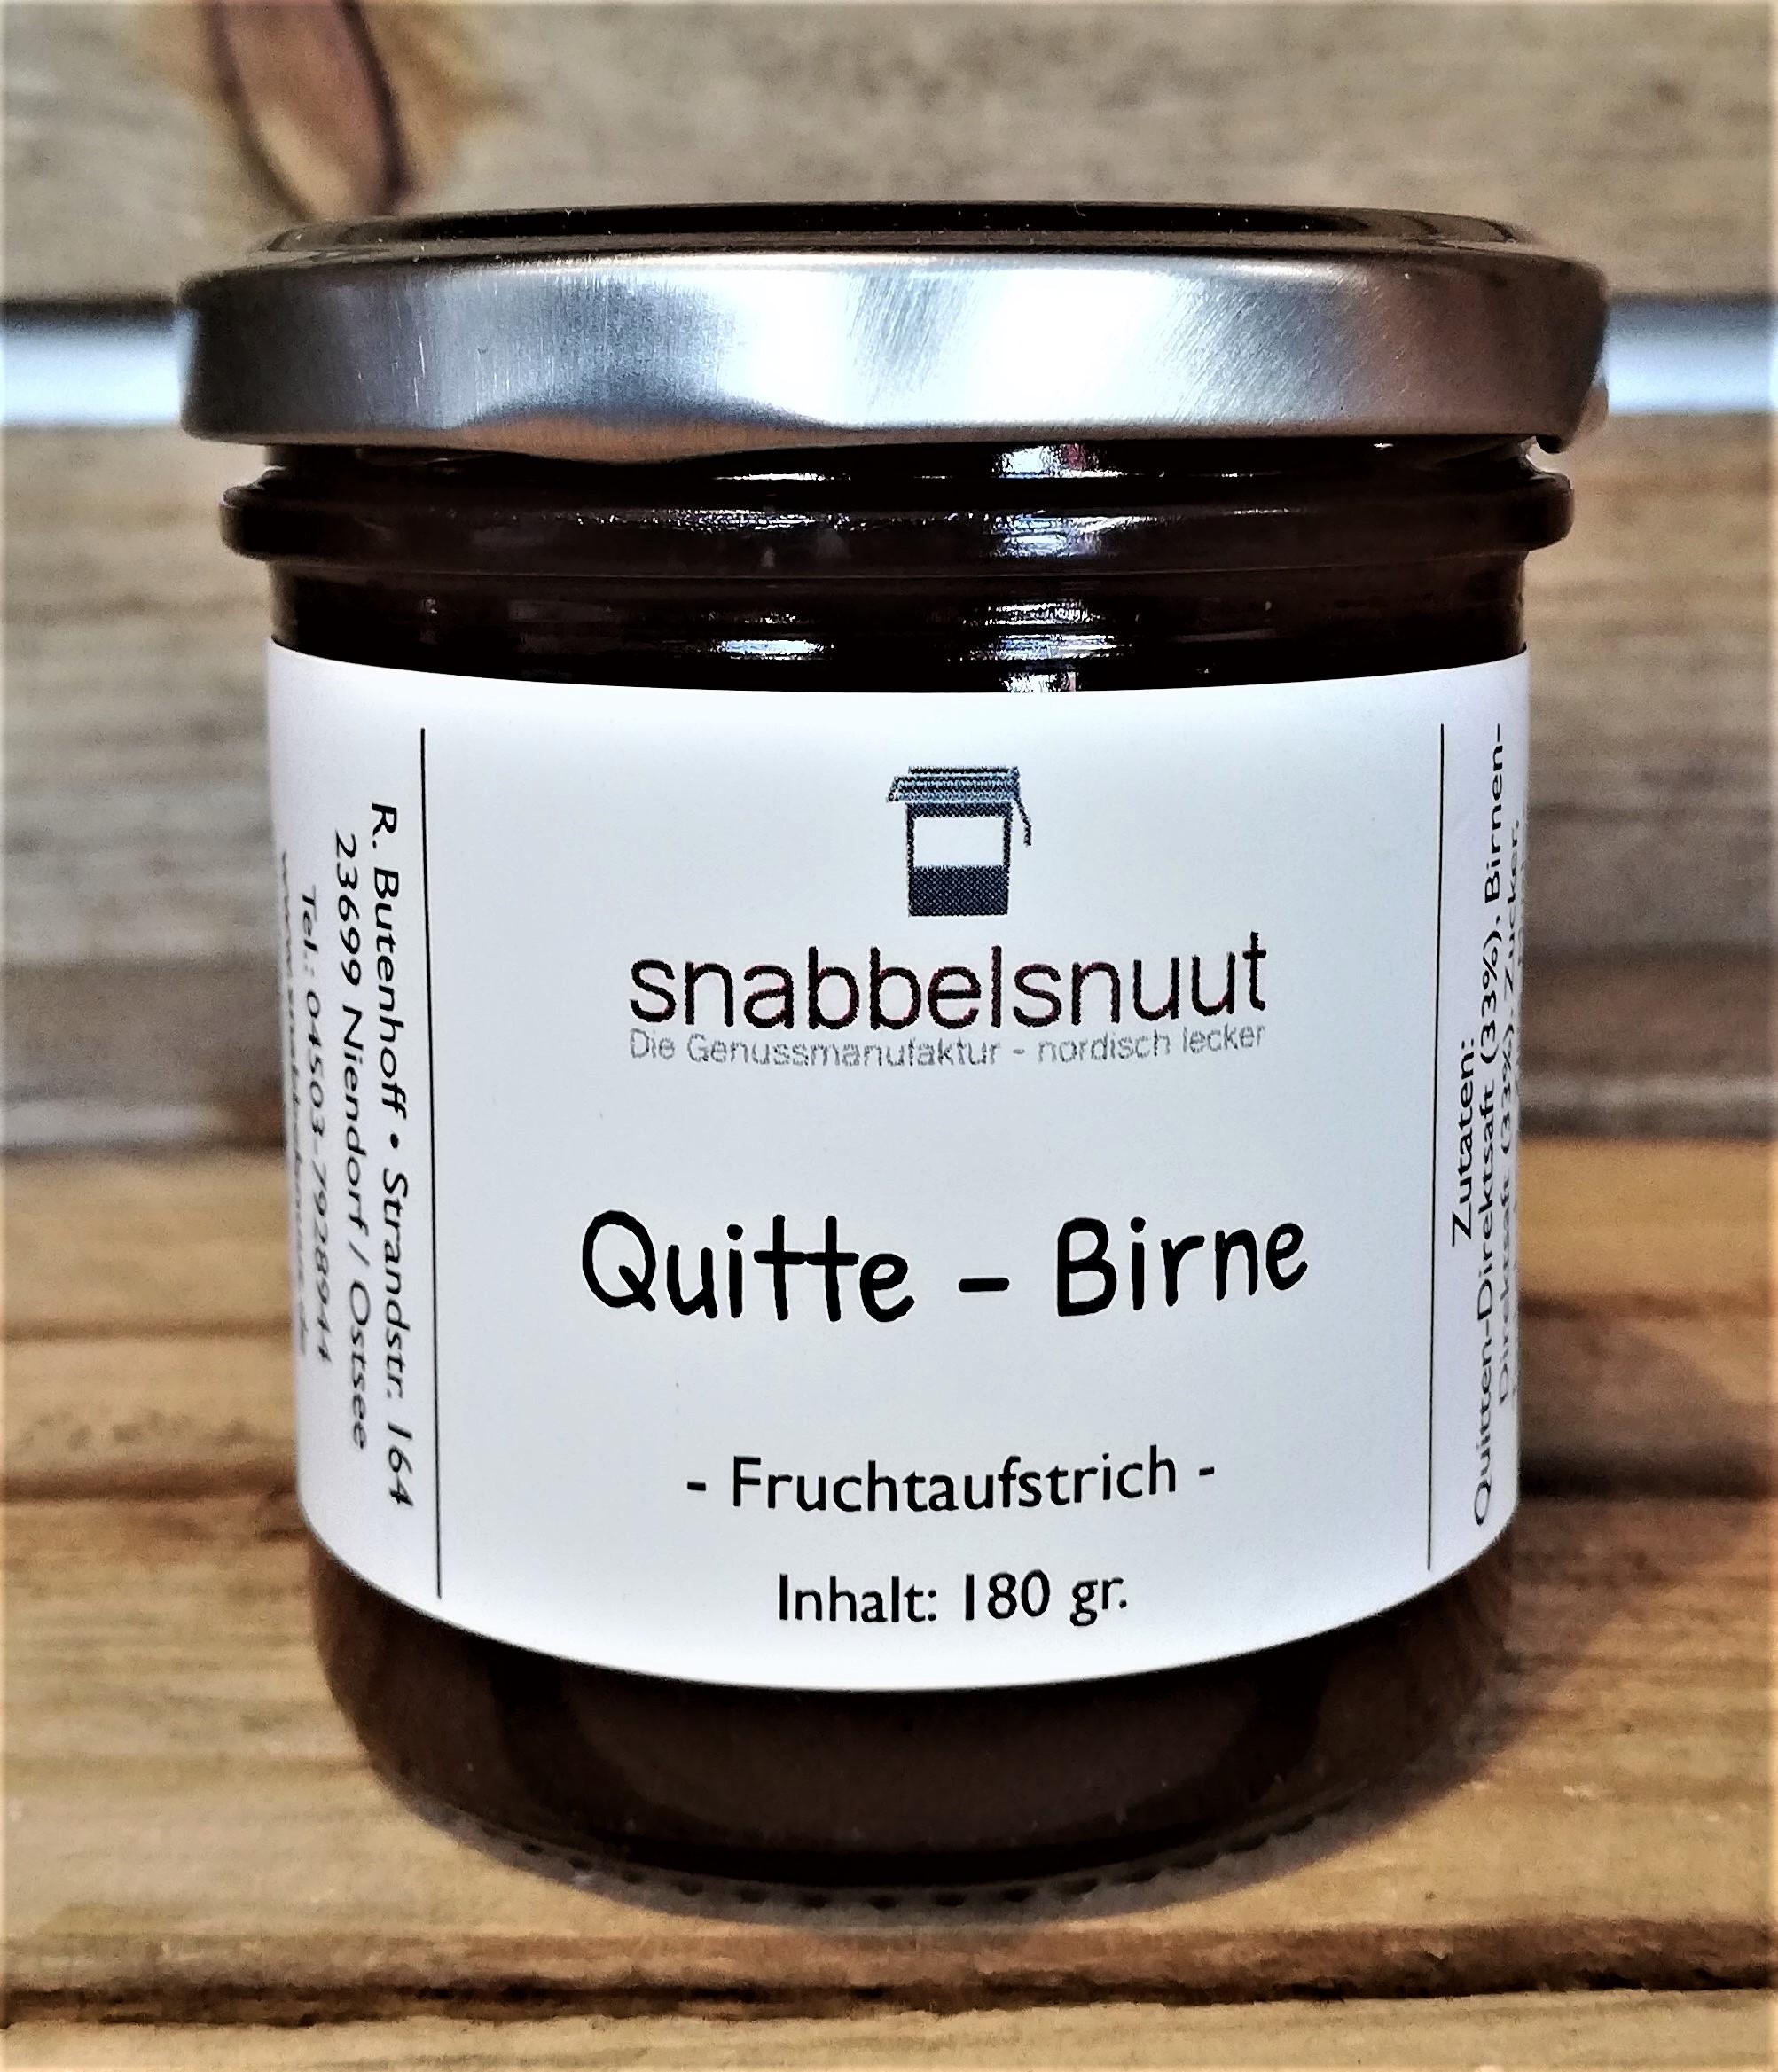 Quitte - Birne